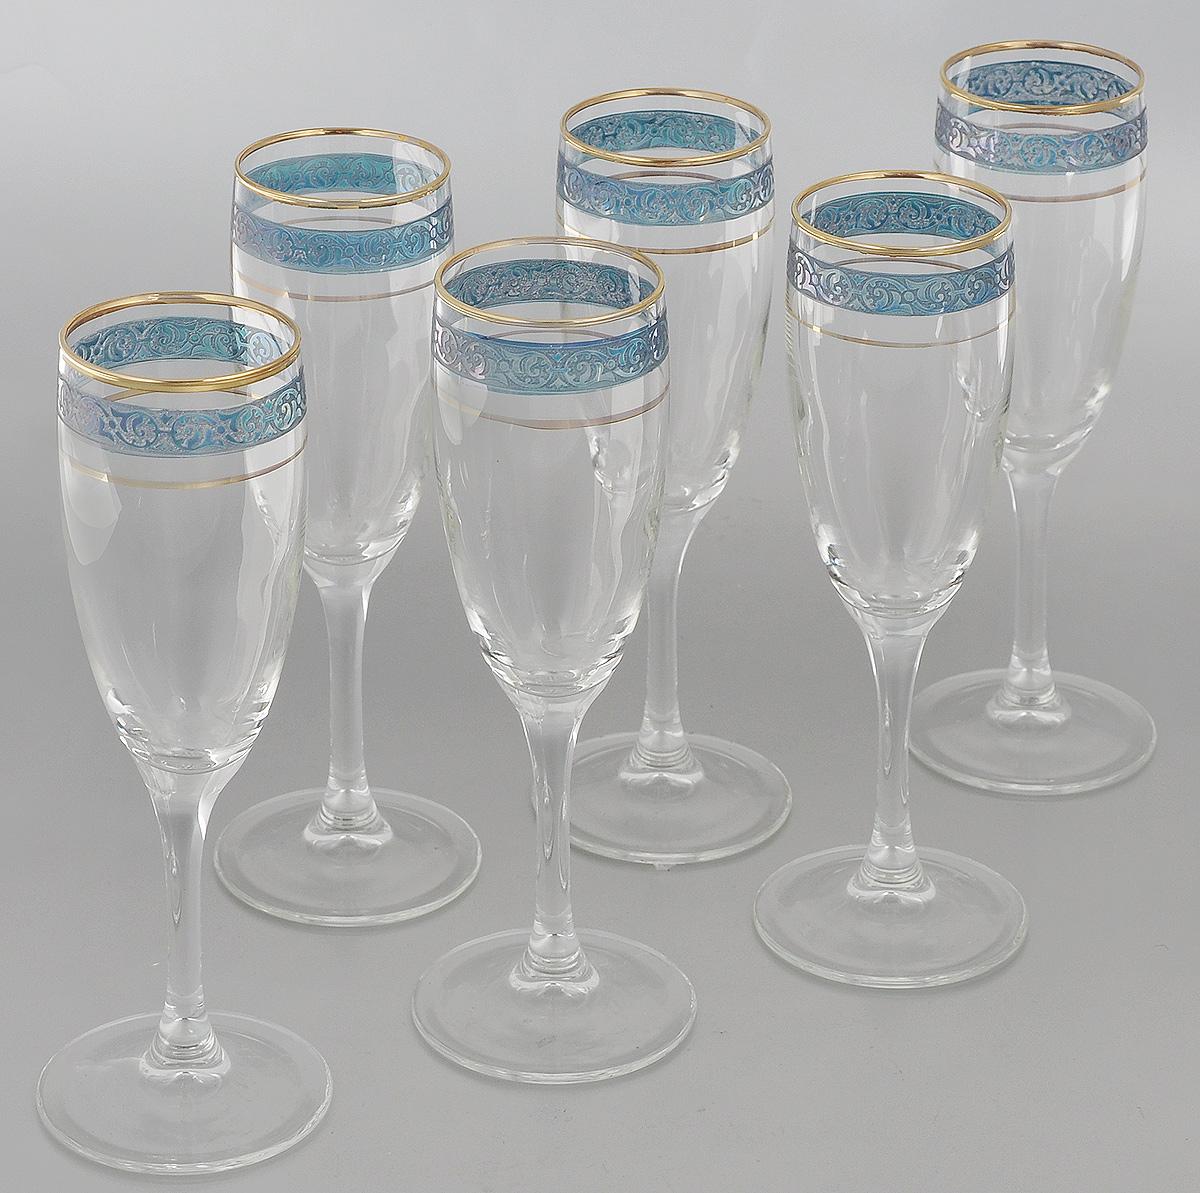 """Набор Гусь-Хрустальный """"Махараджа"""" состоит из 6 бокалов на длинных тонких ножках, изготовленных из высококачественного натрий-кальций-силикатного стекла. Изделия оформлены красивым зеркальным покрытием и окантовкой. Бокалы предназначены для шампанского или вина. Такой набор прекрасно дополнит праздничный стол и станет желанным подарком в любом доме.  Разрешается мыть в посудомоечной машине.  Диаметр бокала (по верхнему краю): 5 см.  Высота бокала: 20 см."""